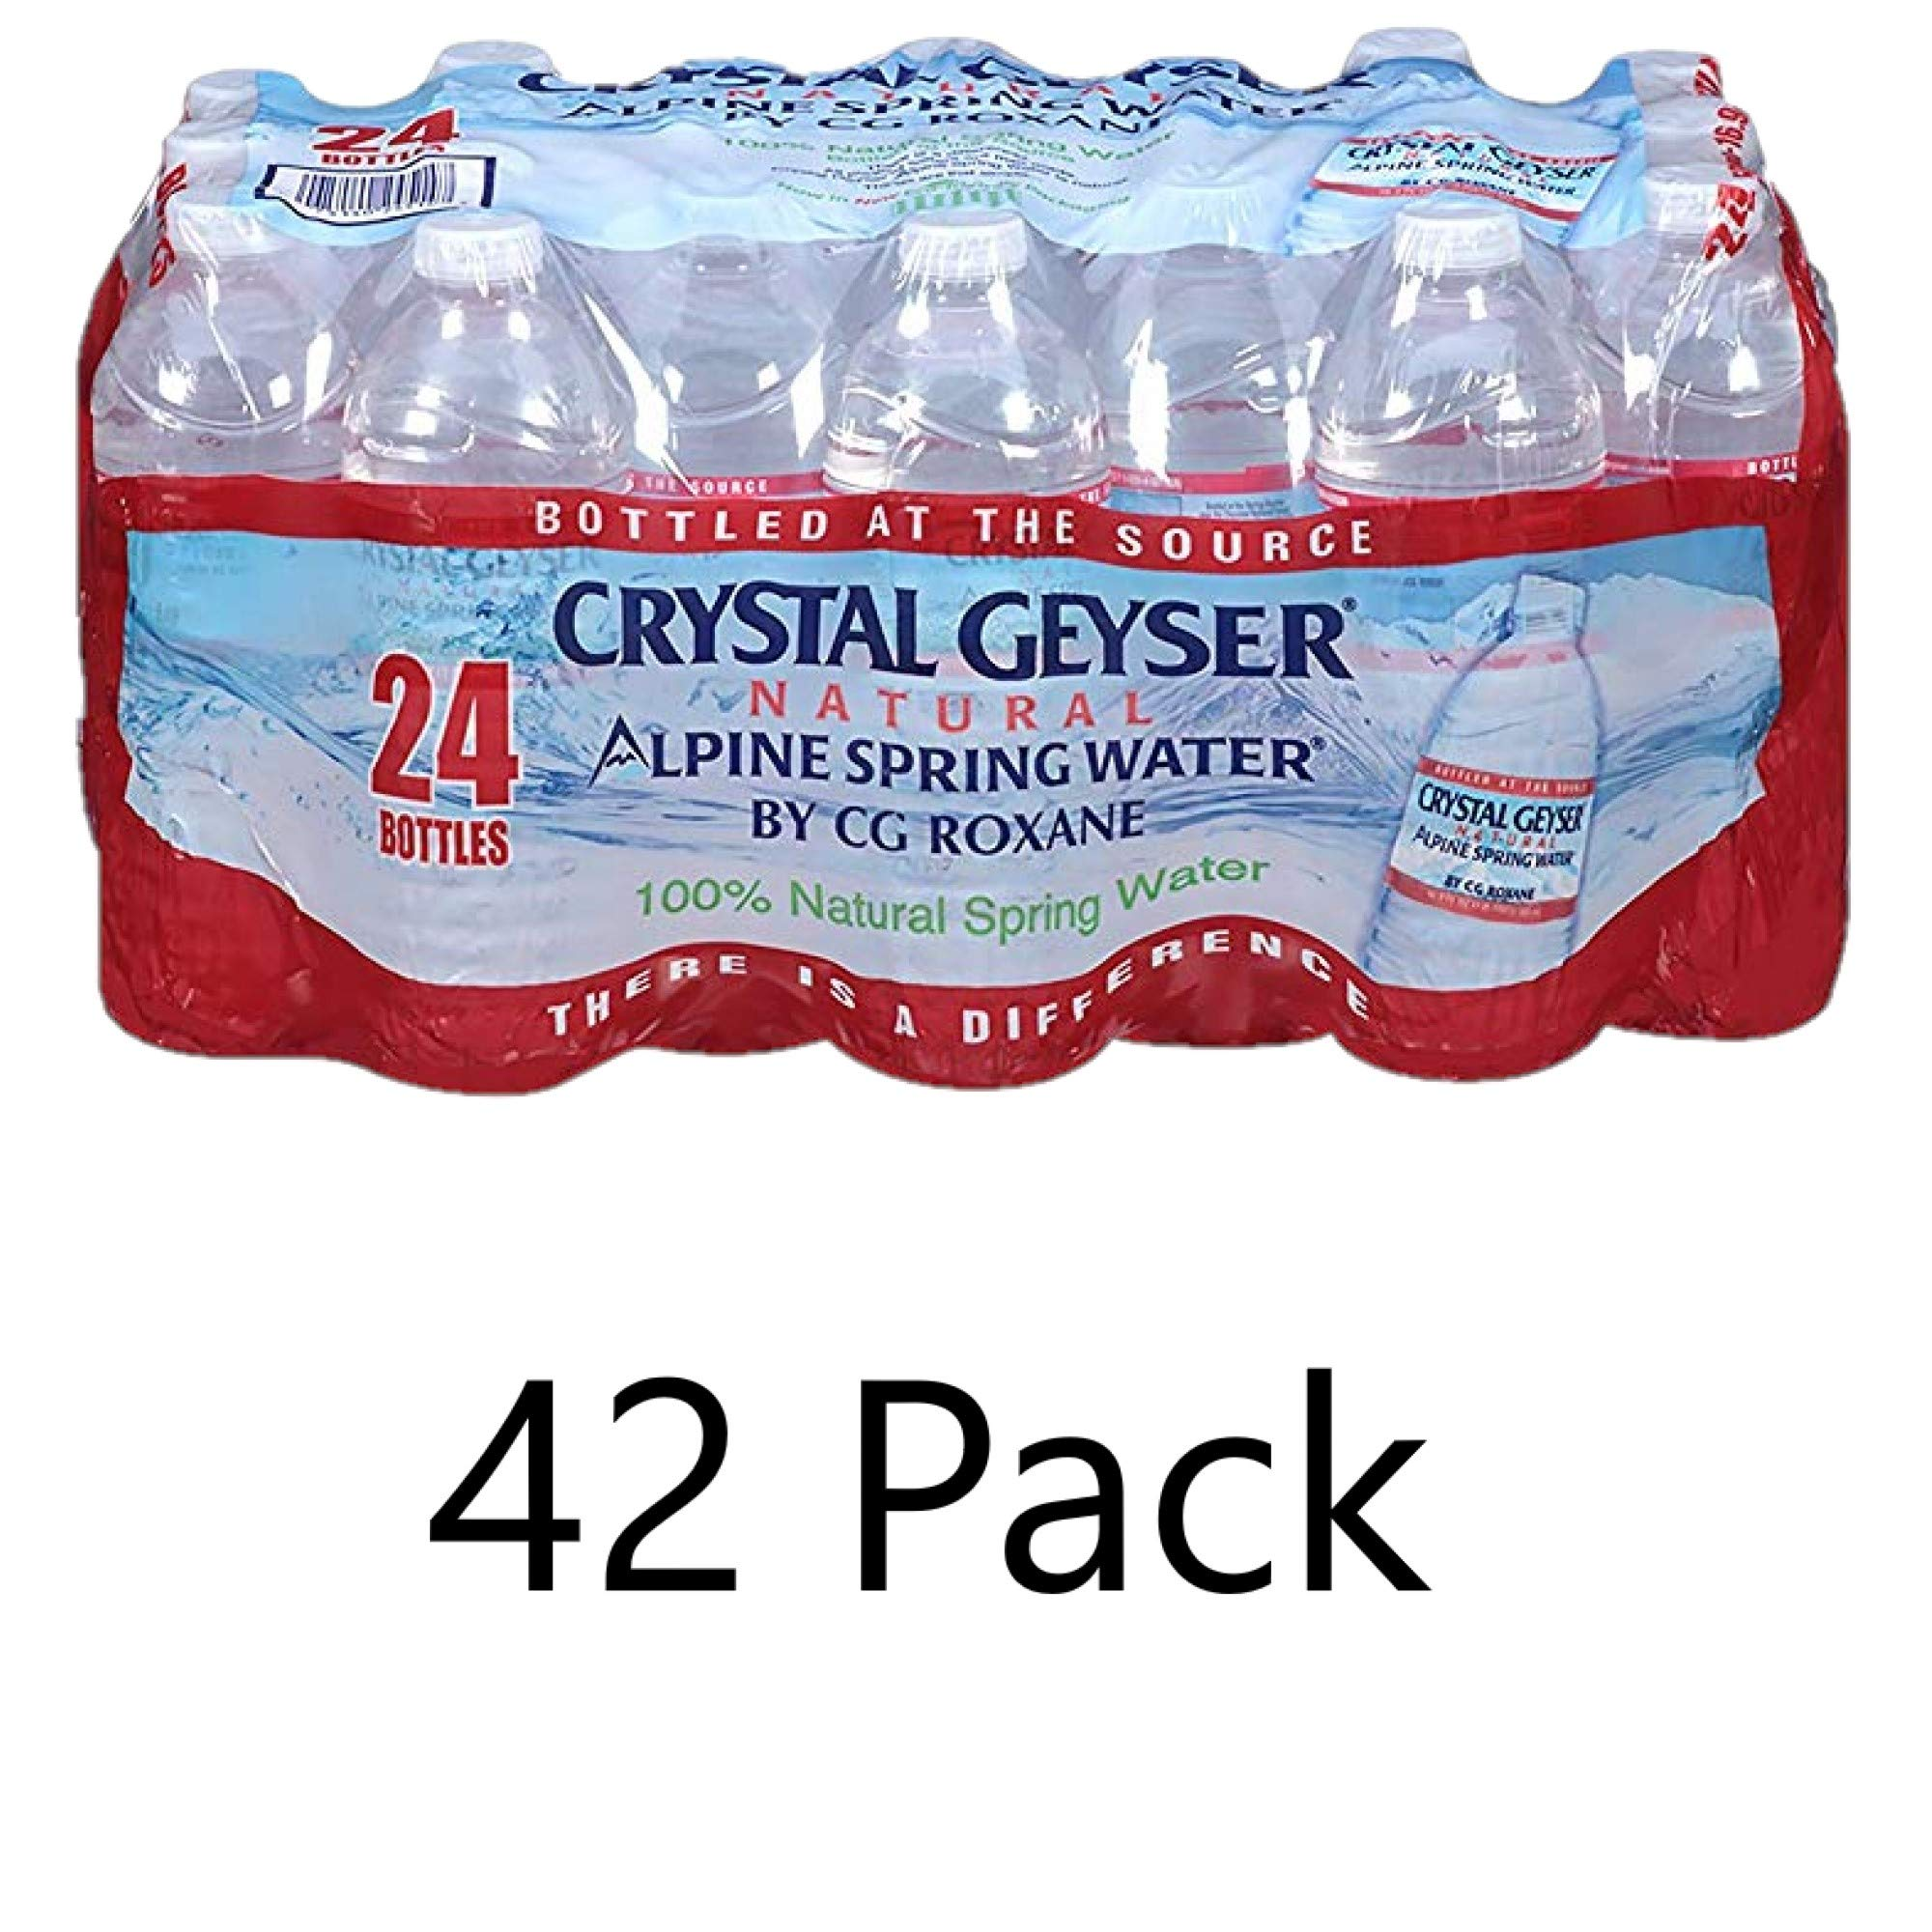 Crystal Geyser Pallet Of 42 Cases, Of Alpine 100% Natural Spring Water, 24 16.9oz bottlesper Case, Bottled at The Source (1008 Bottles)